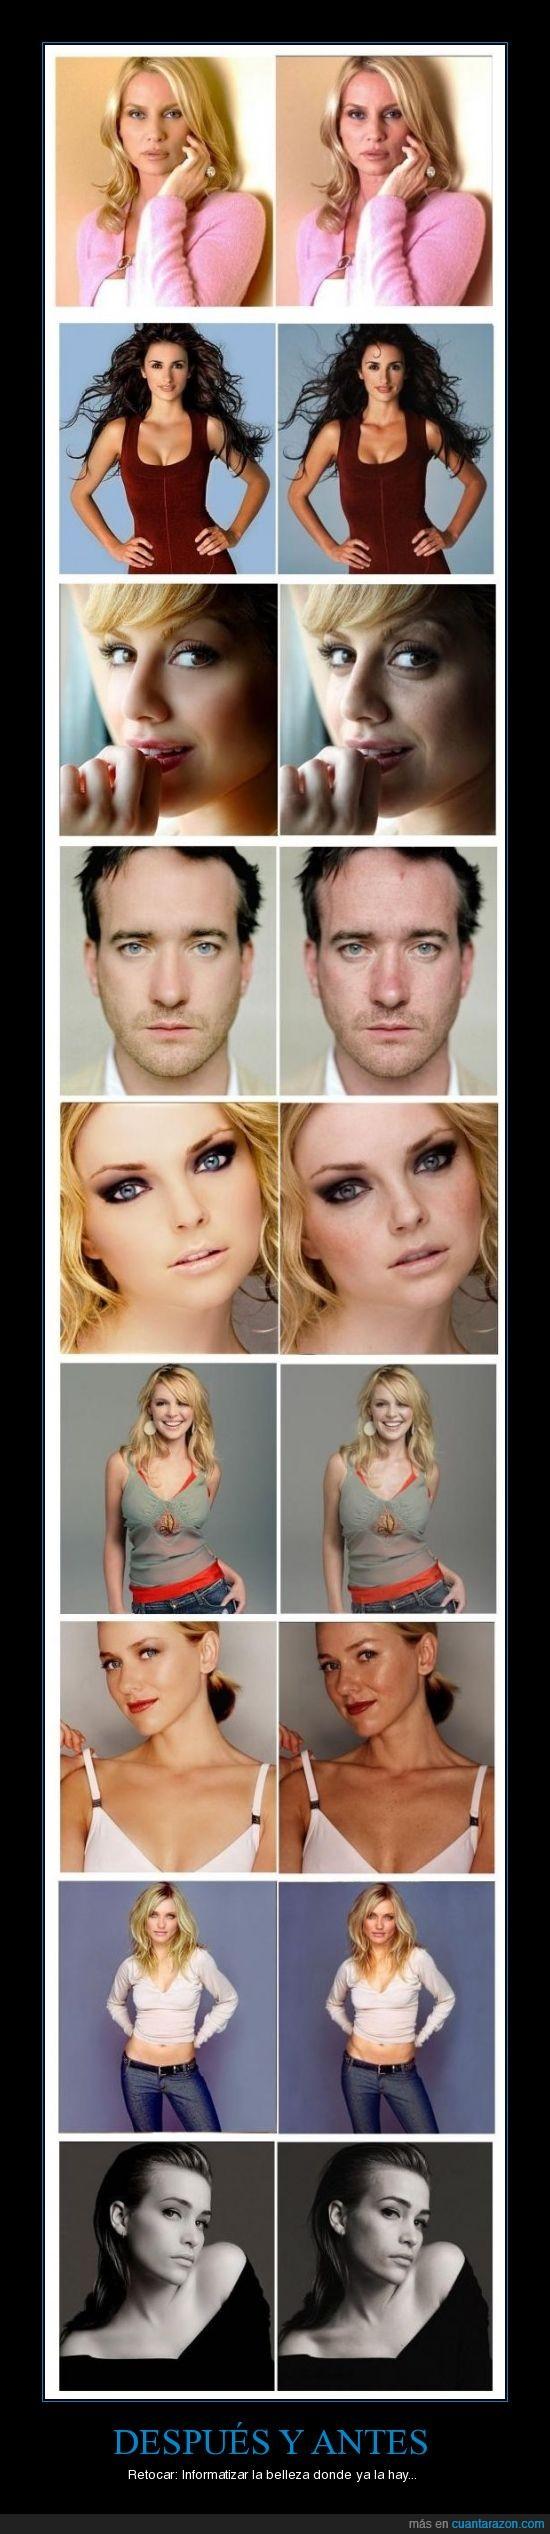 antes,belleza,después,photoshop,retocar